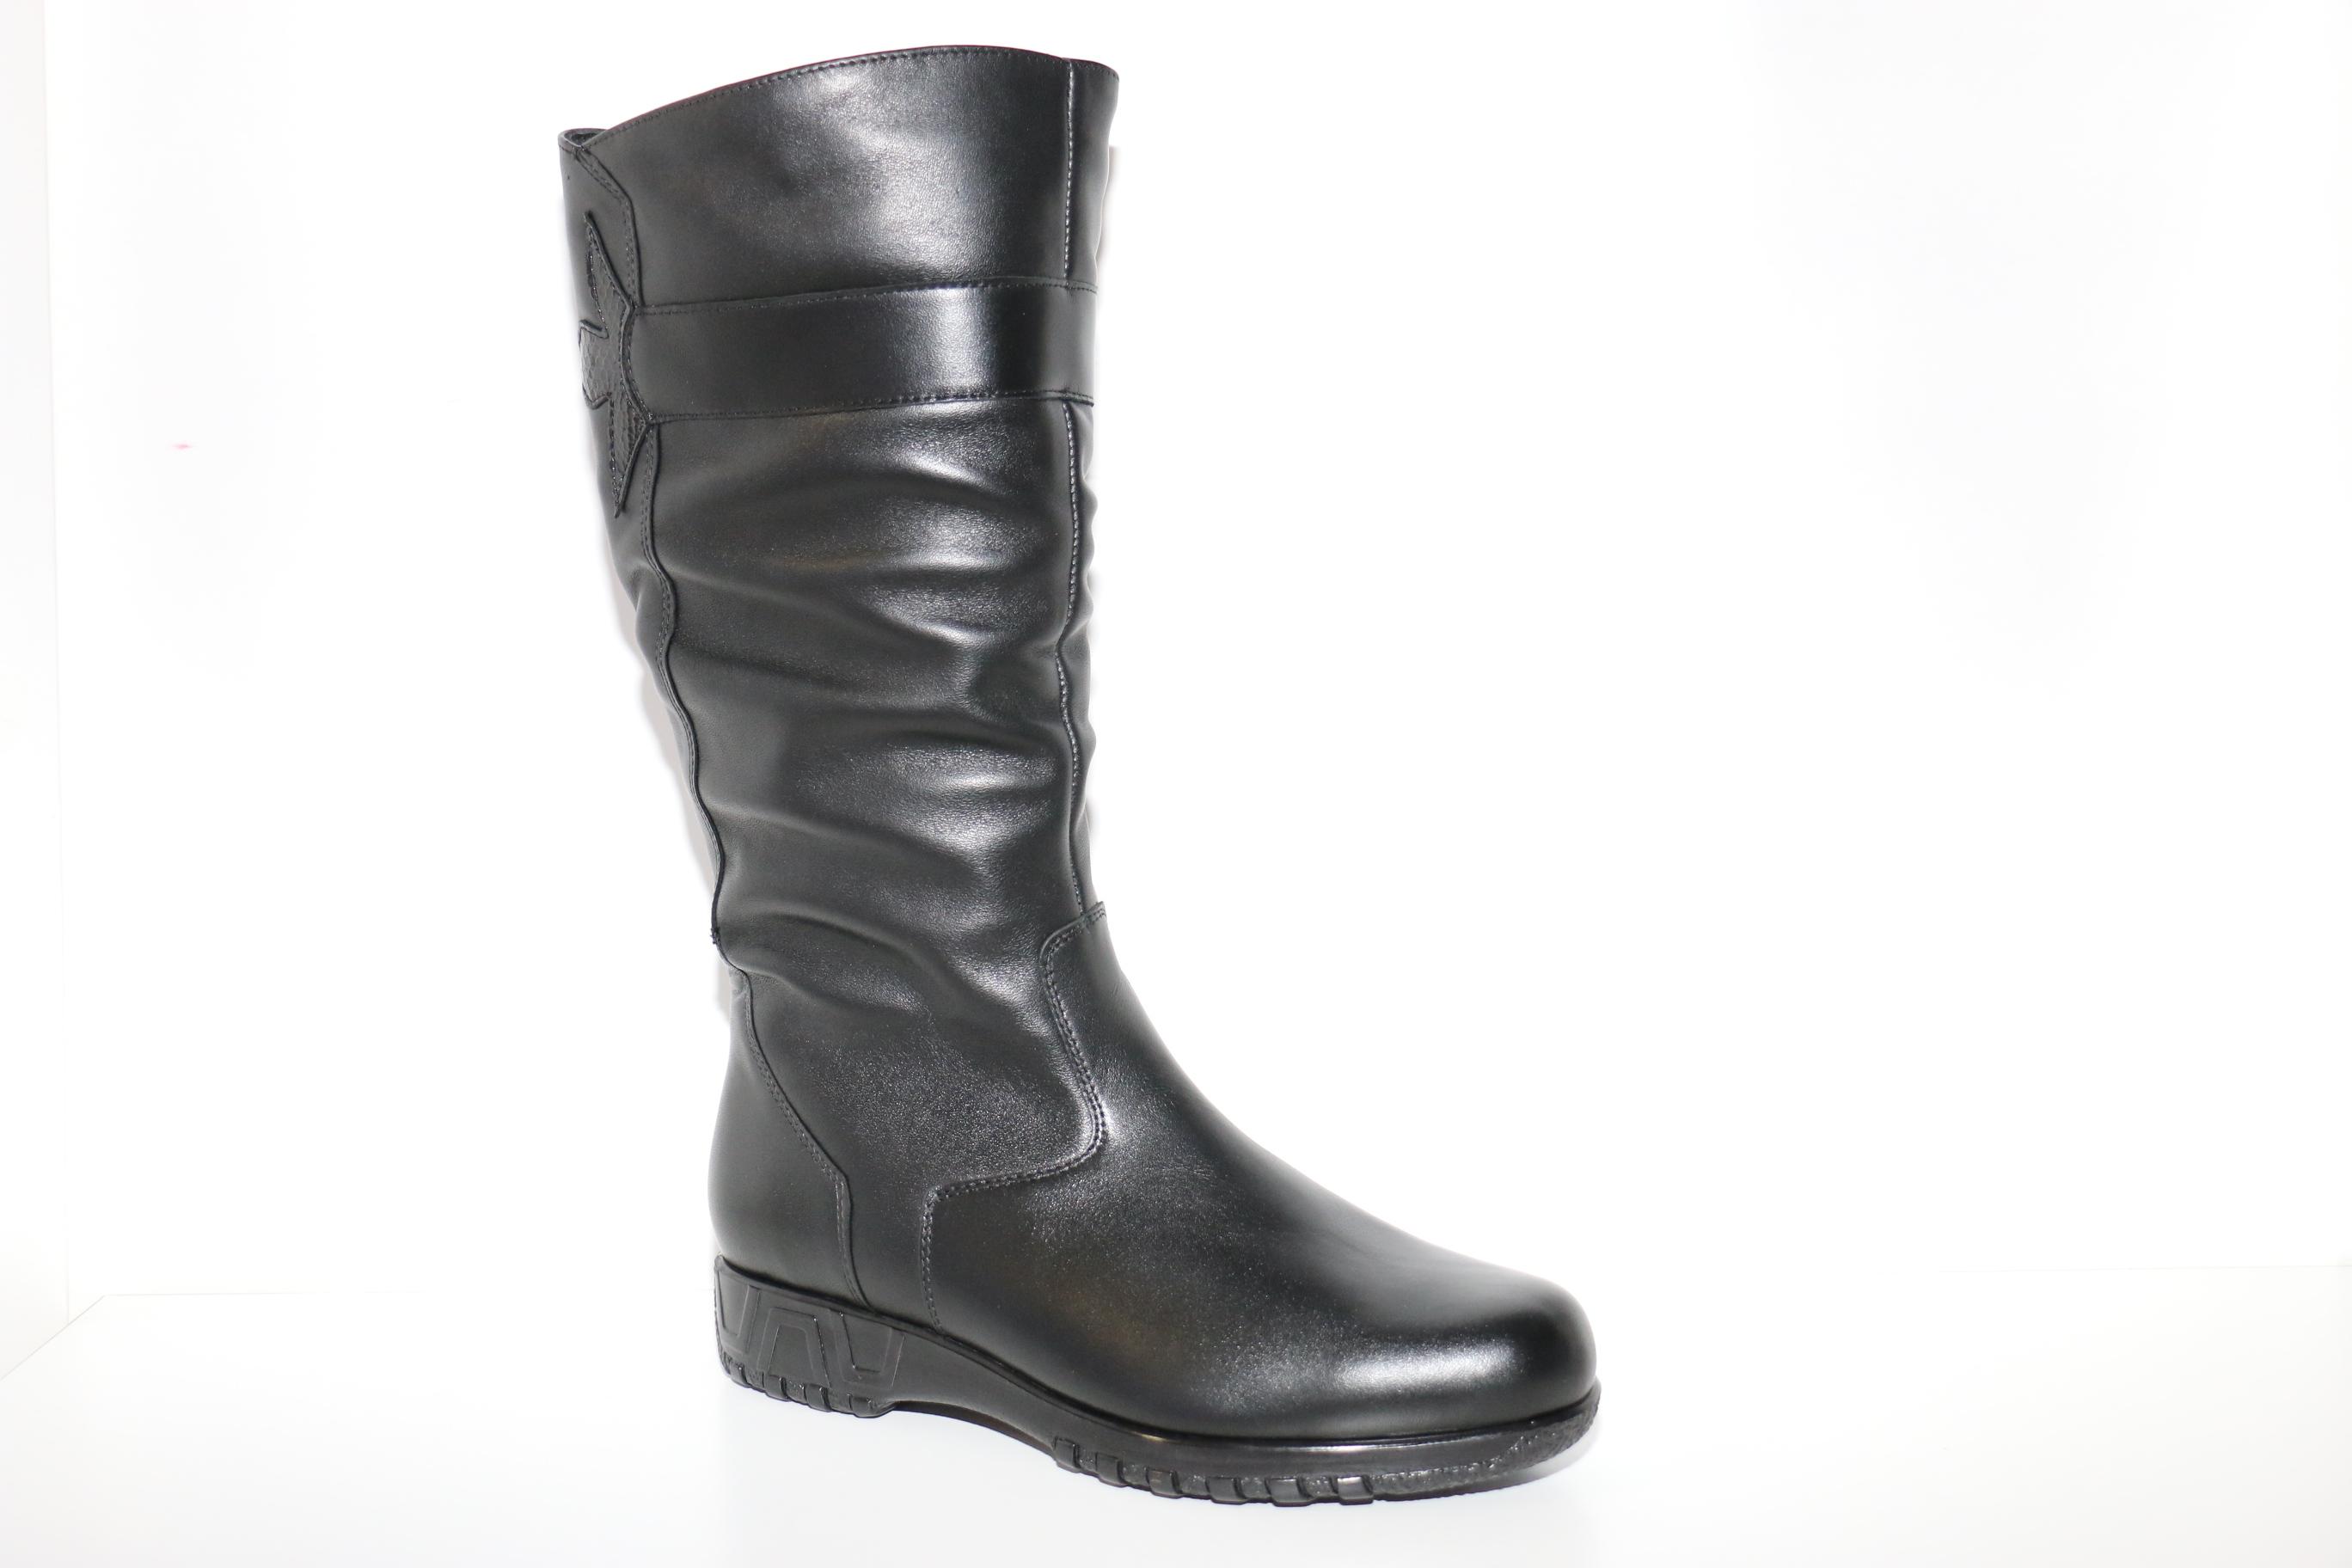 a570130e3 женские зимние сапоги Janita 49689-615-102 | Обувь из Германии ...